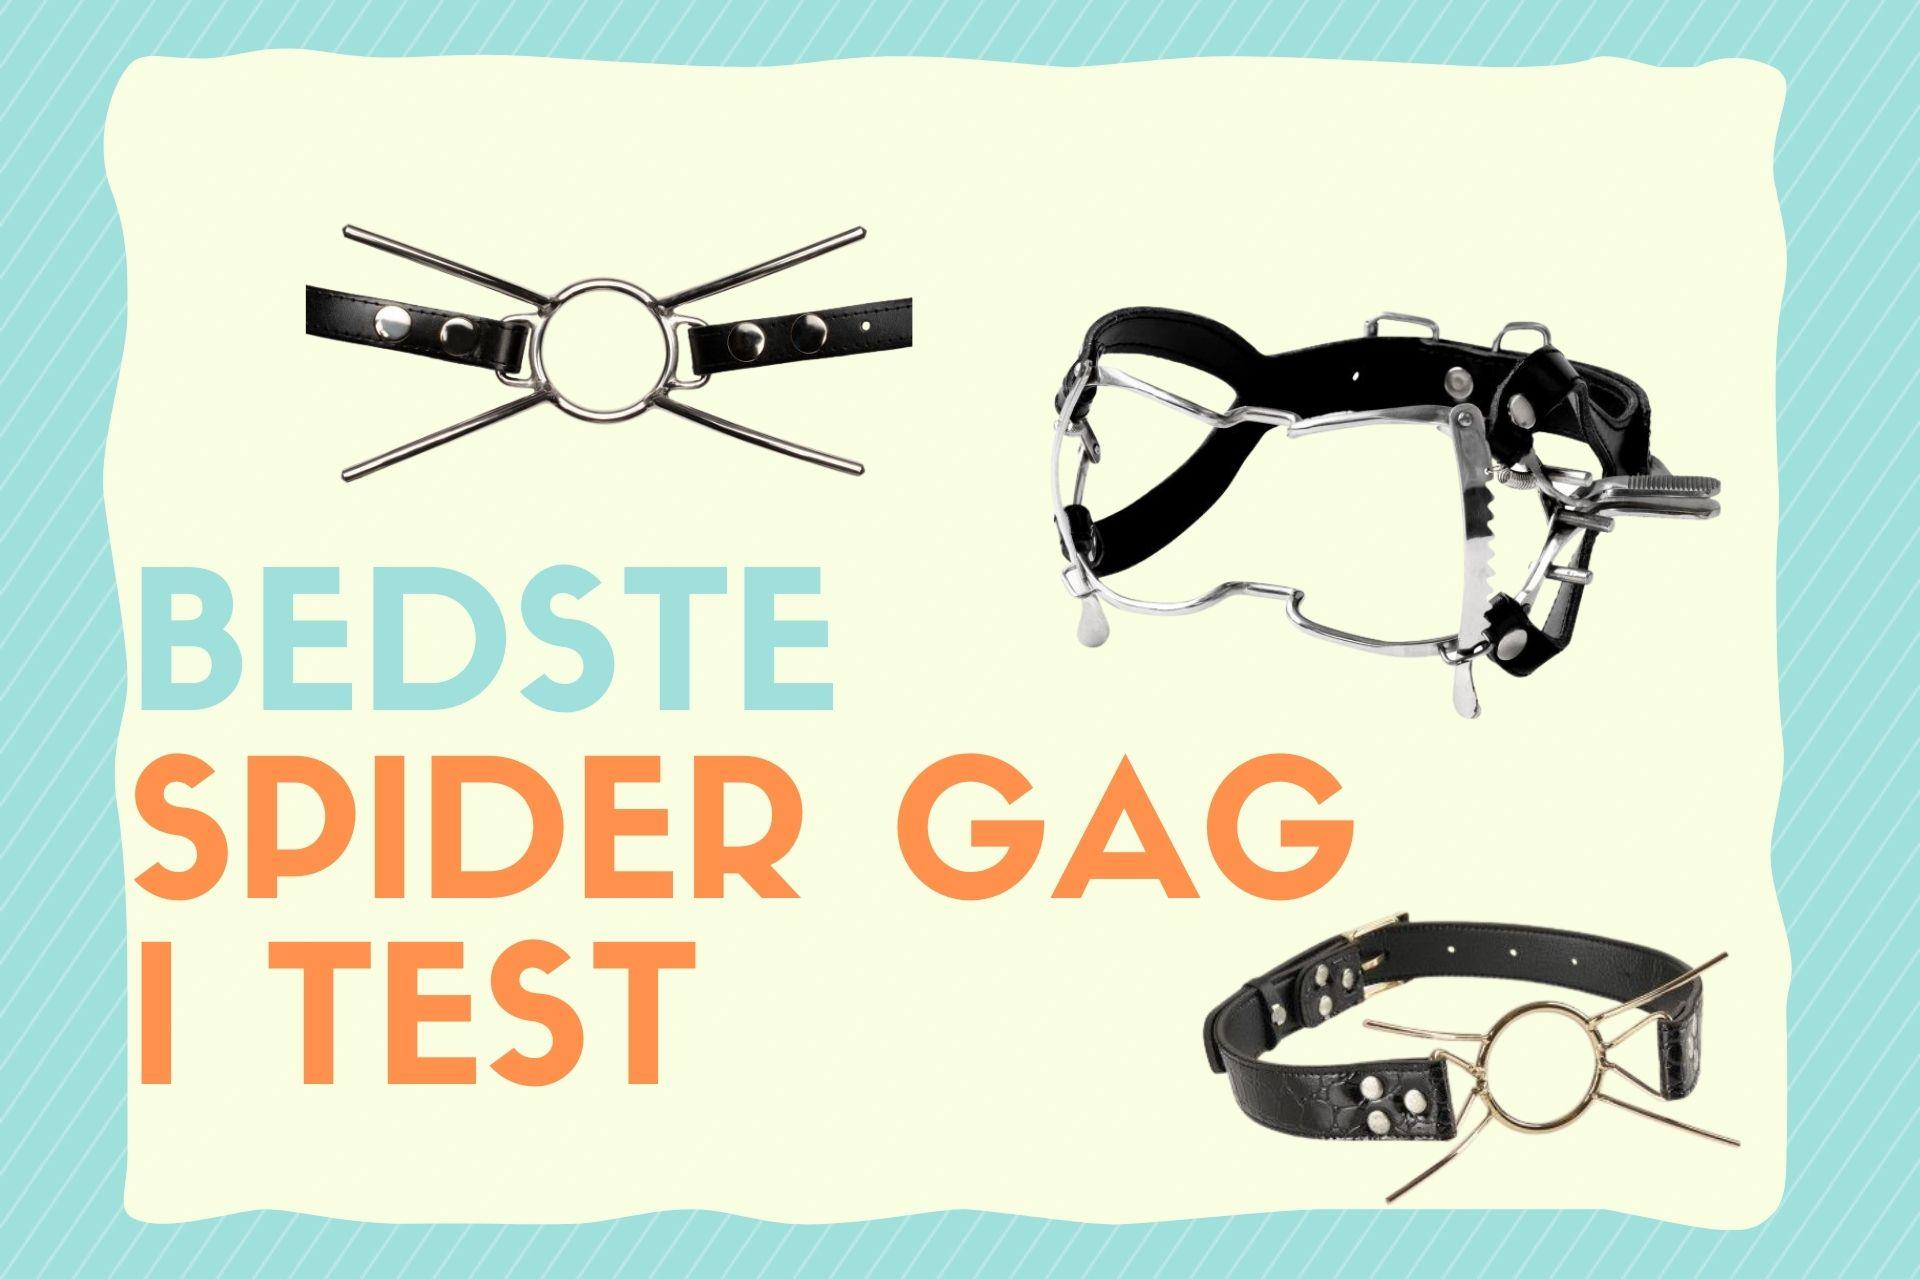 spider gag bedst i test